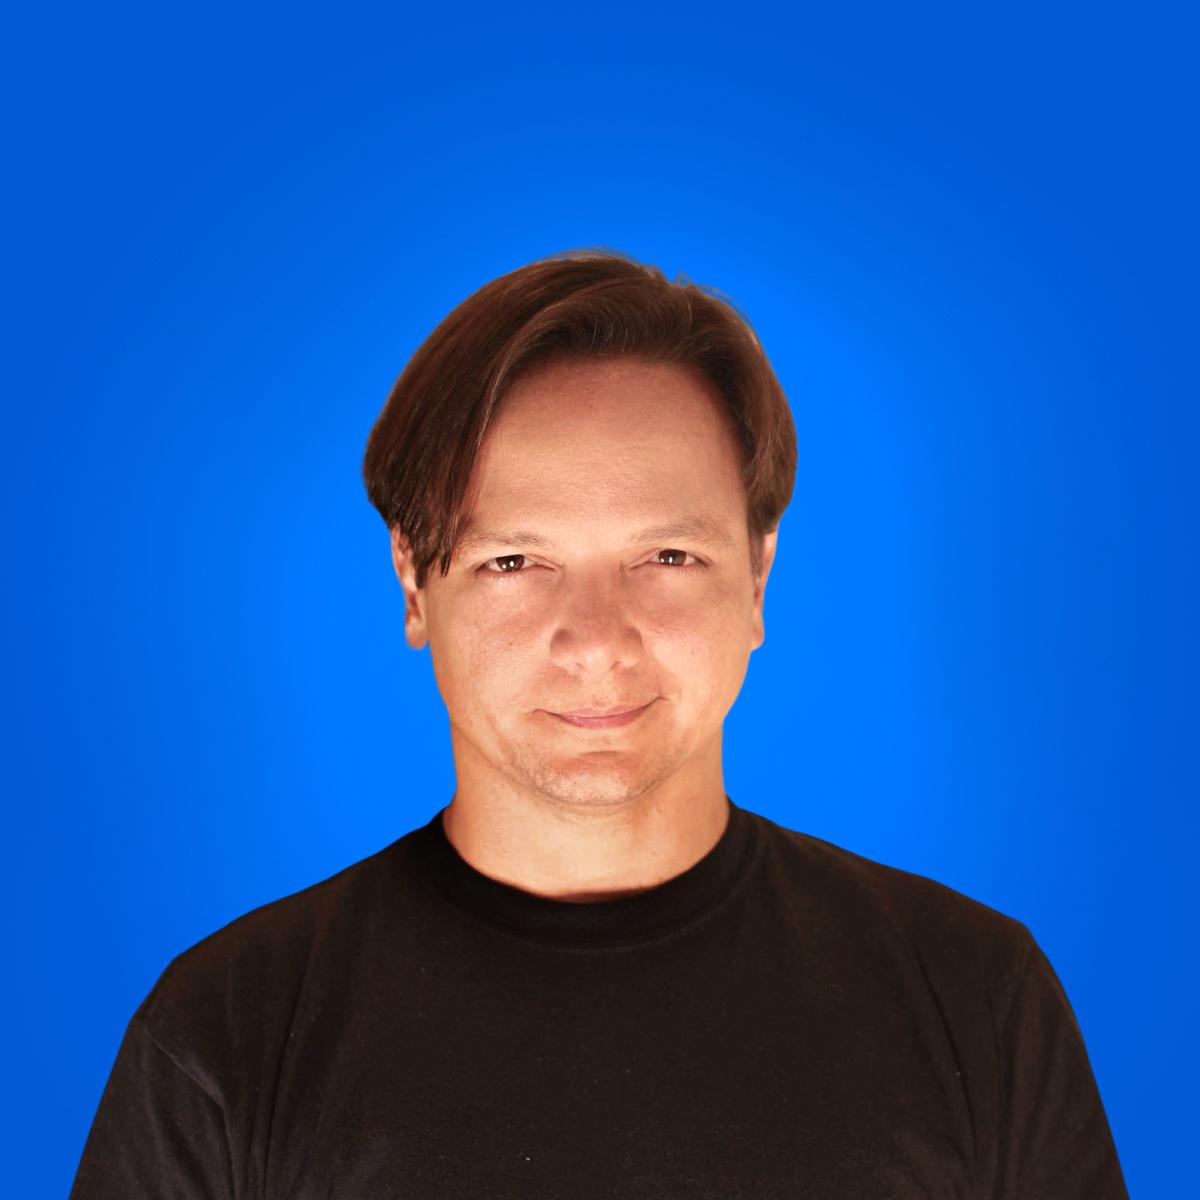 image for Leonardo Lohmann